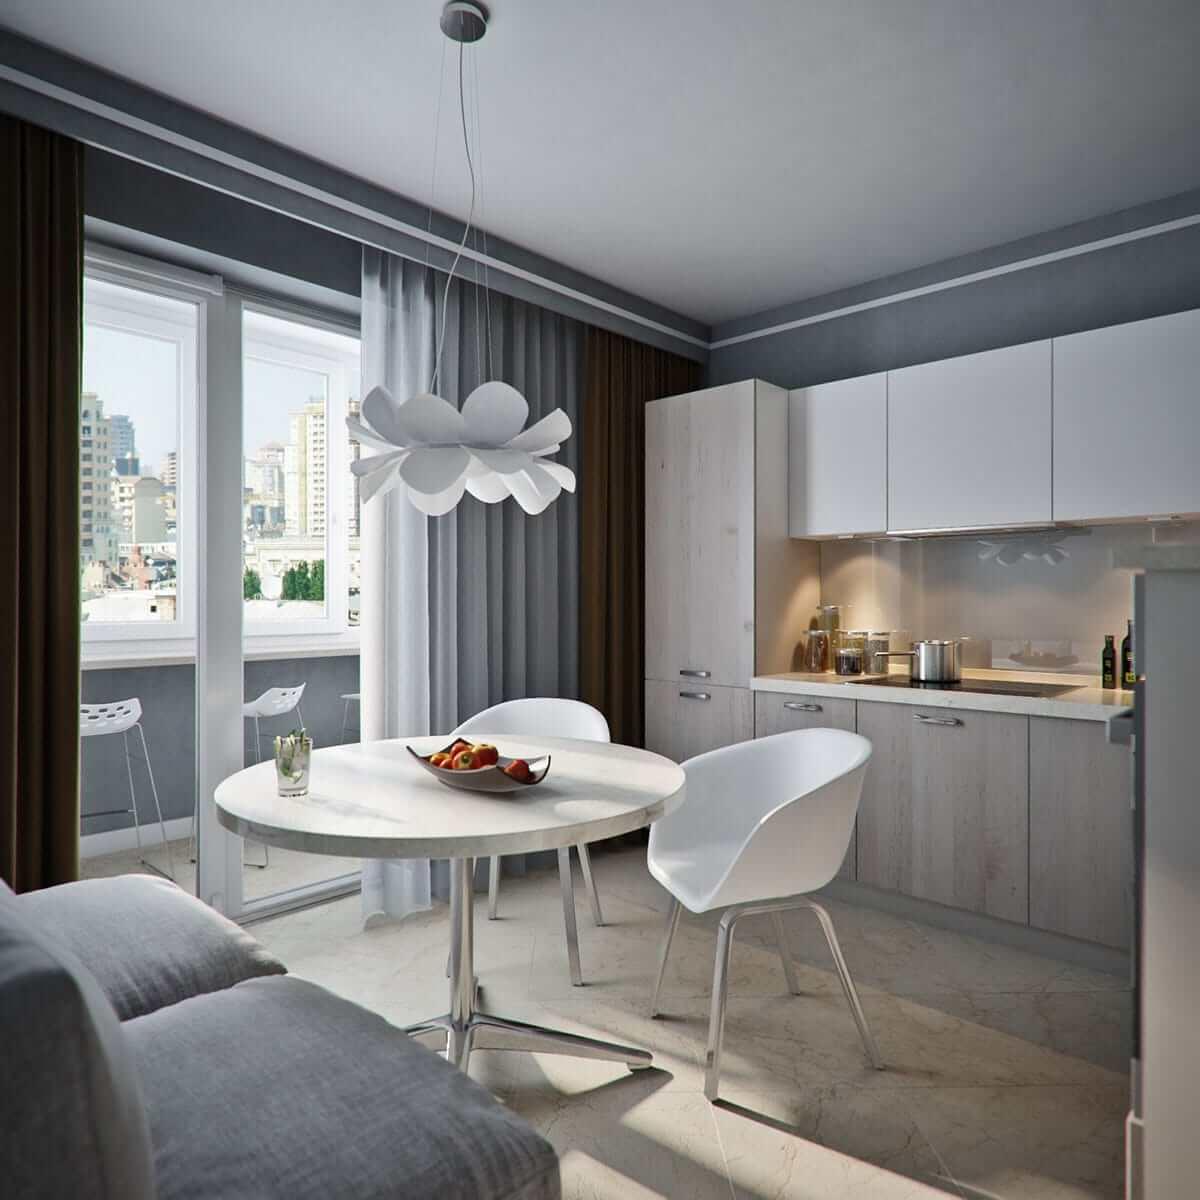 дизайн кухни 12 кв метров с балконом